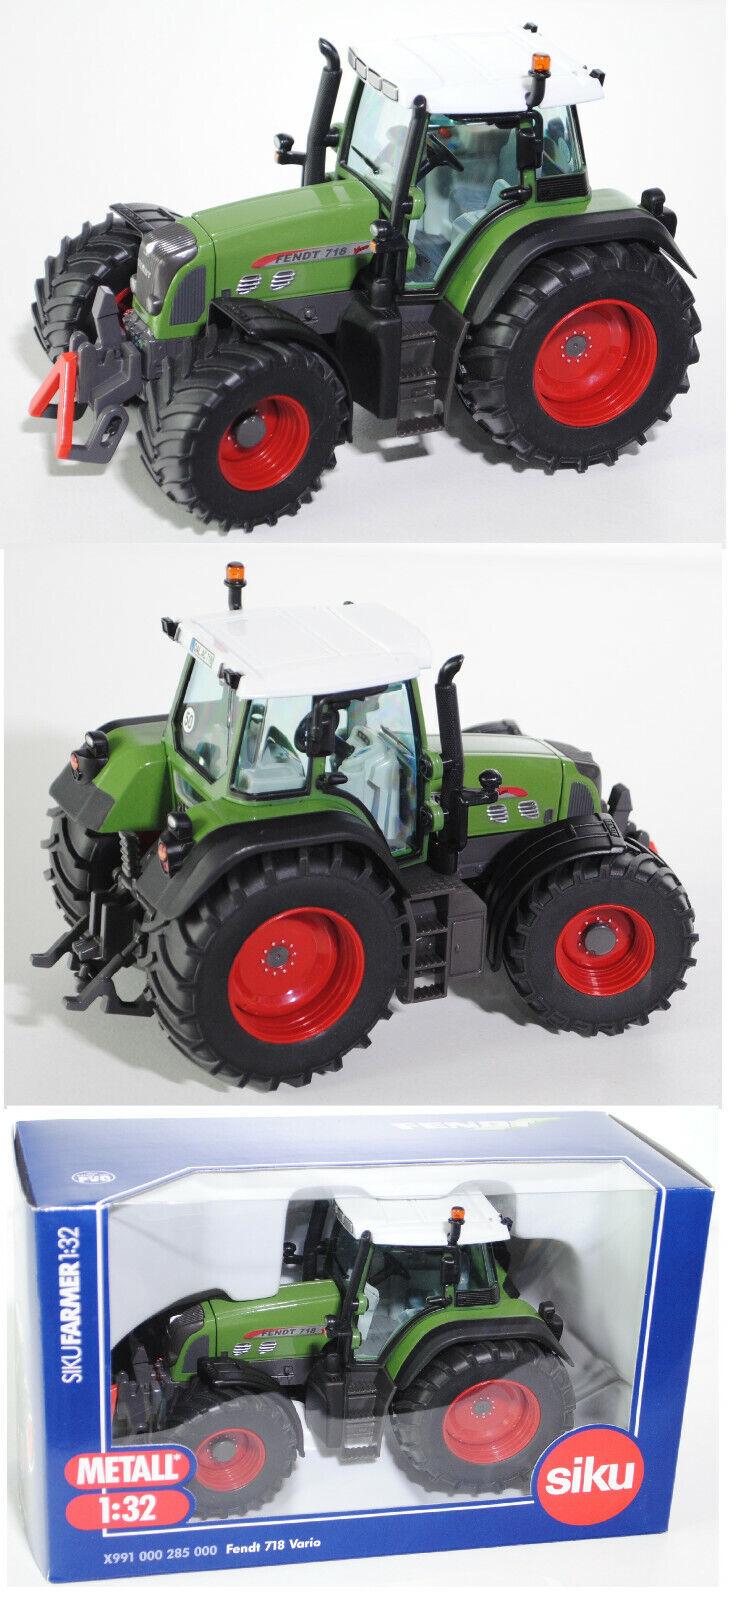 SIKU FARMER 3263 Fendt 718 Vario tracteur, 1 32, modèle spécial